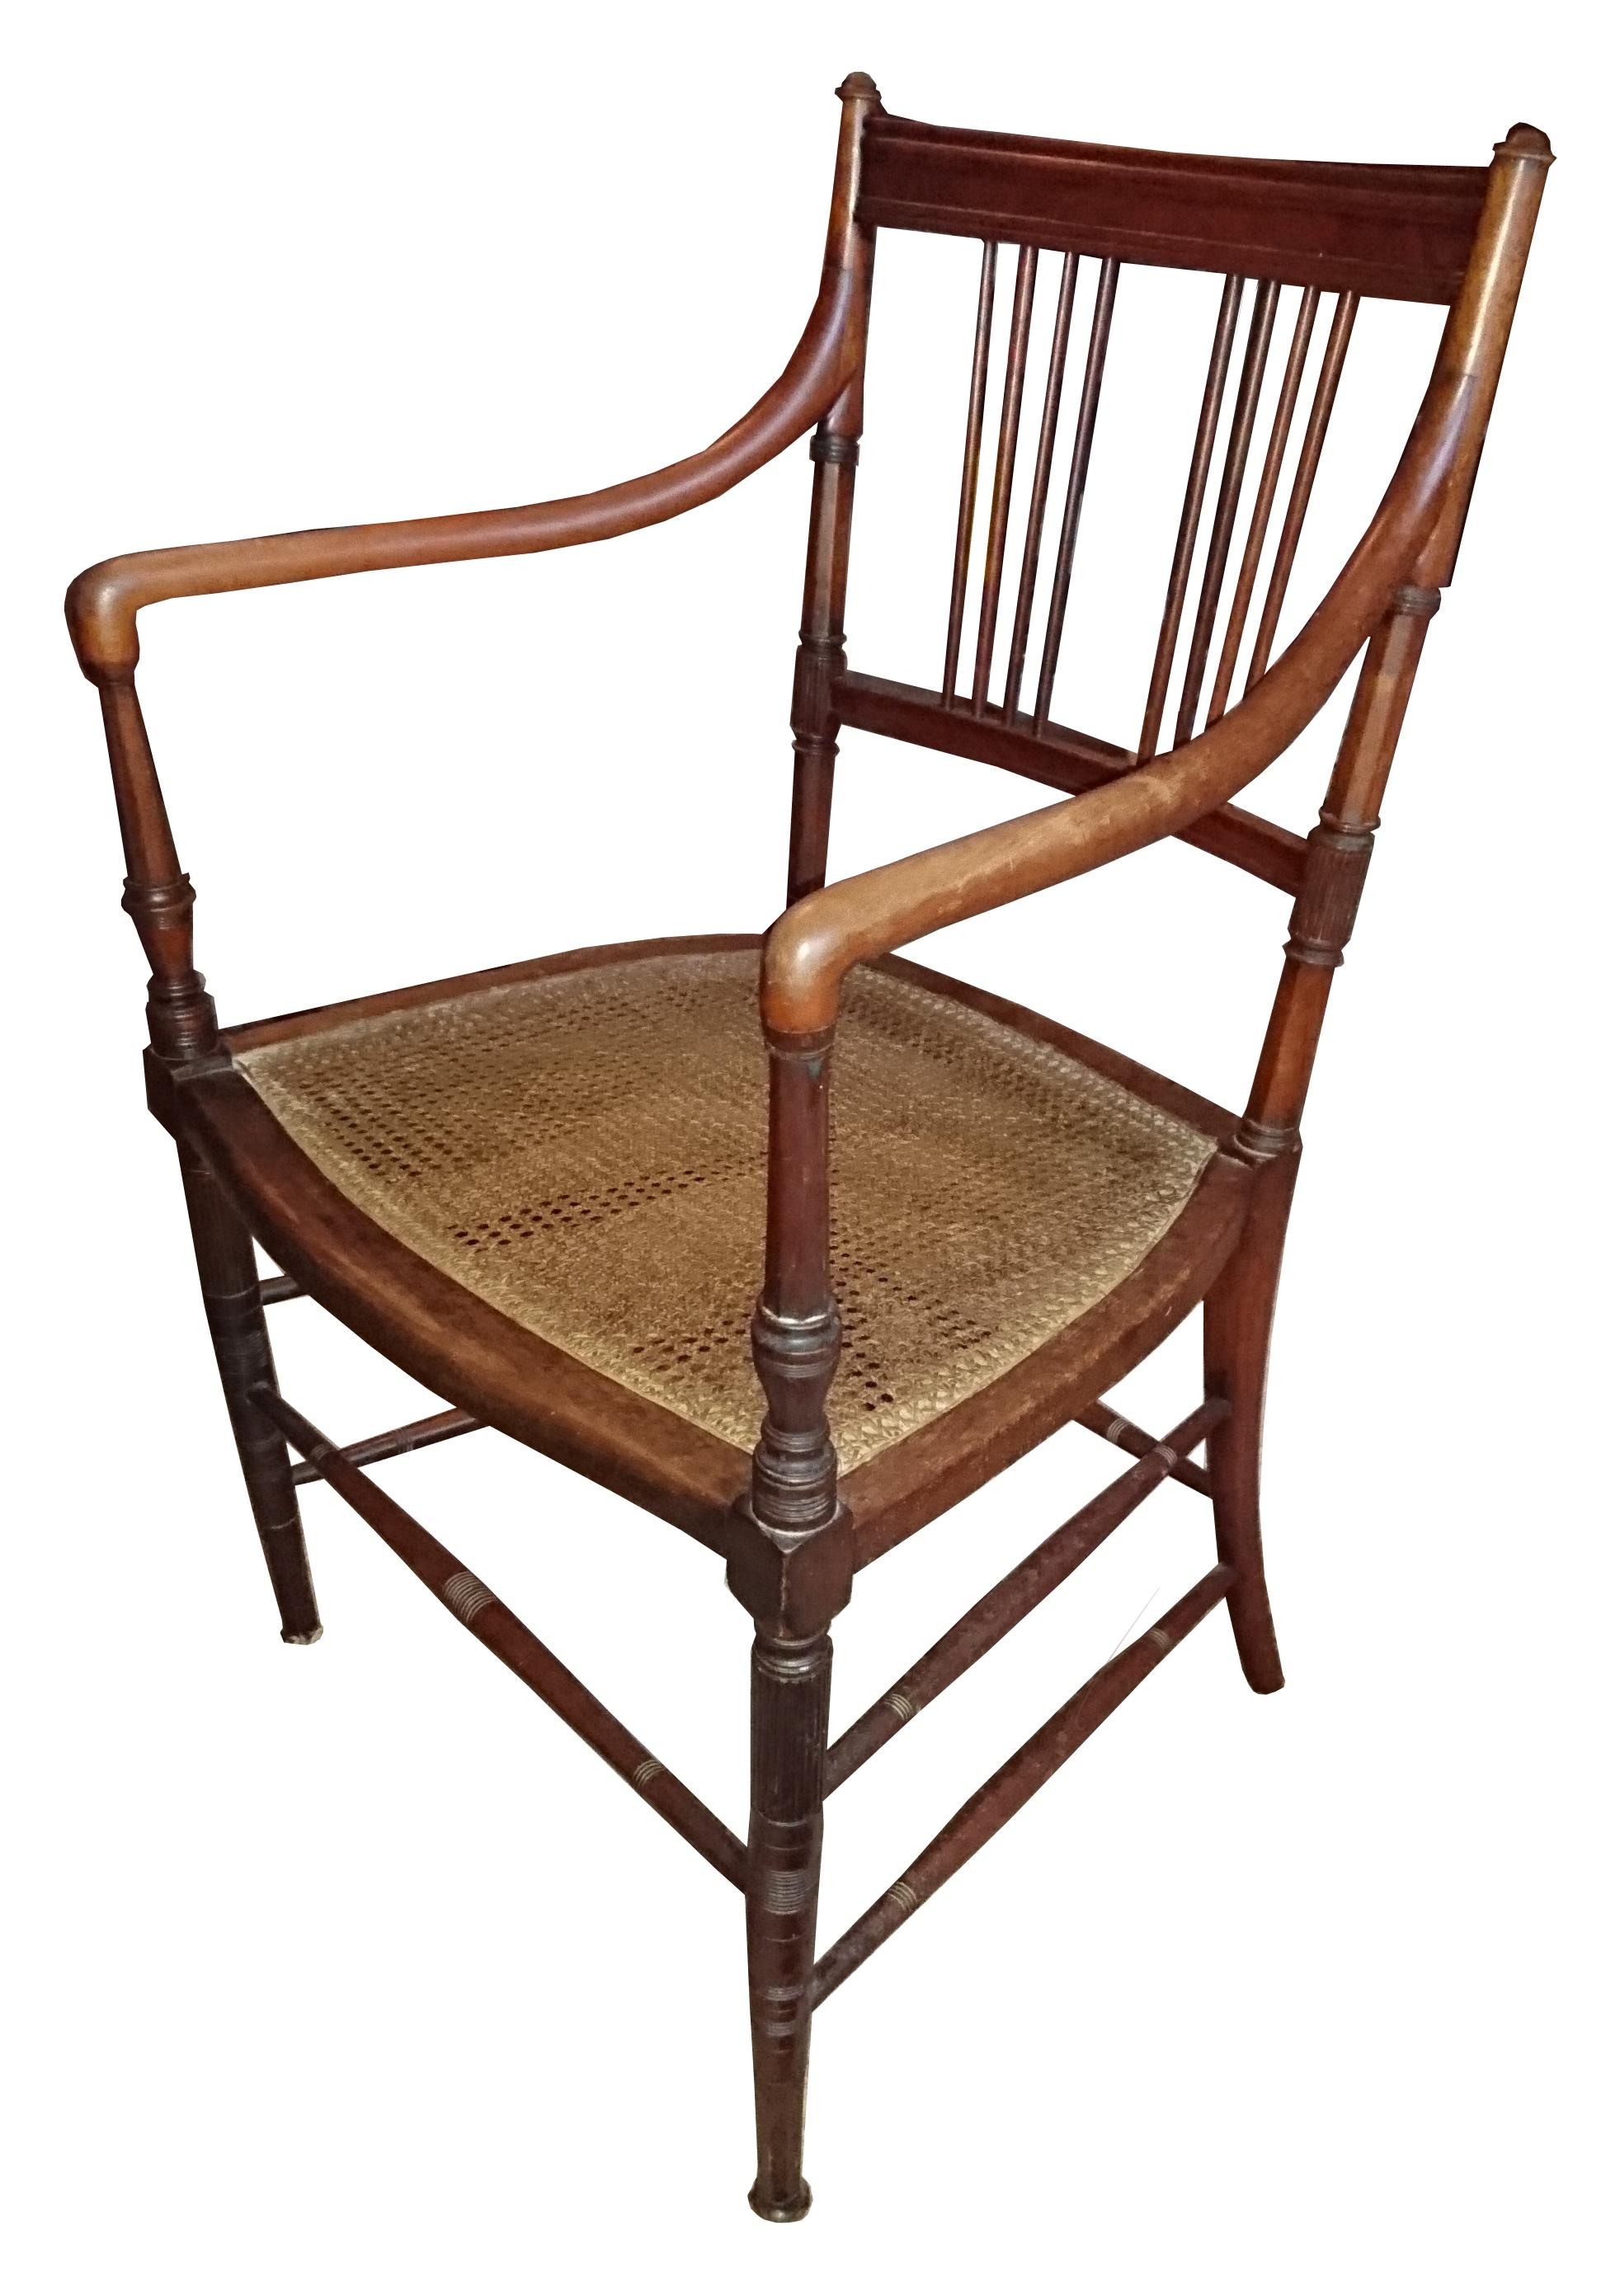 Aesthetic armchair